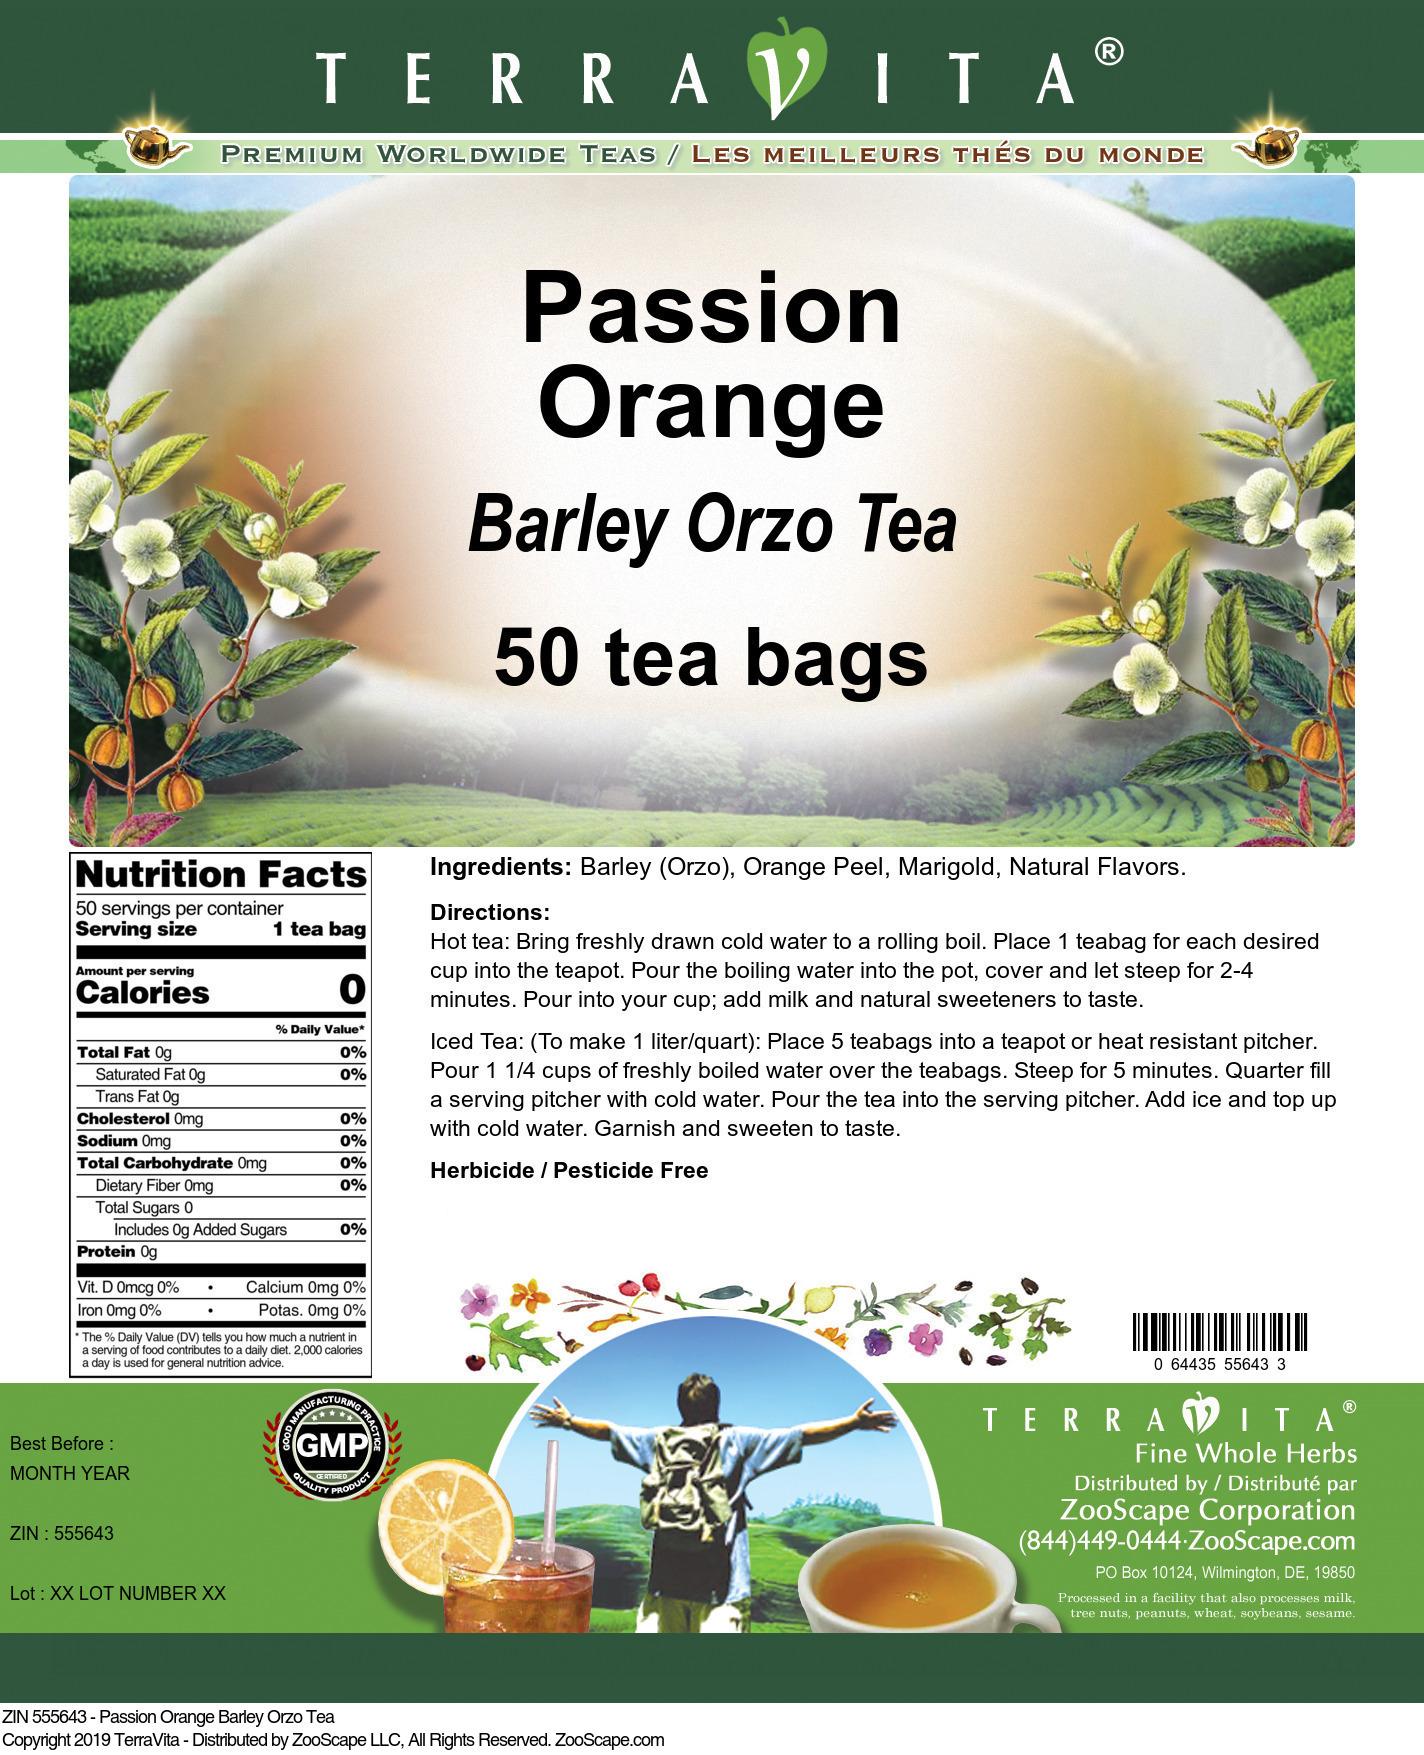 Passion Orange Barley Orzo Tea